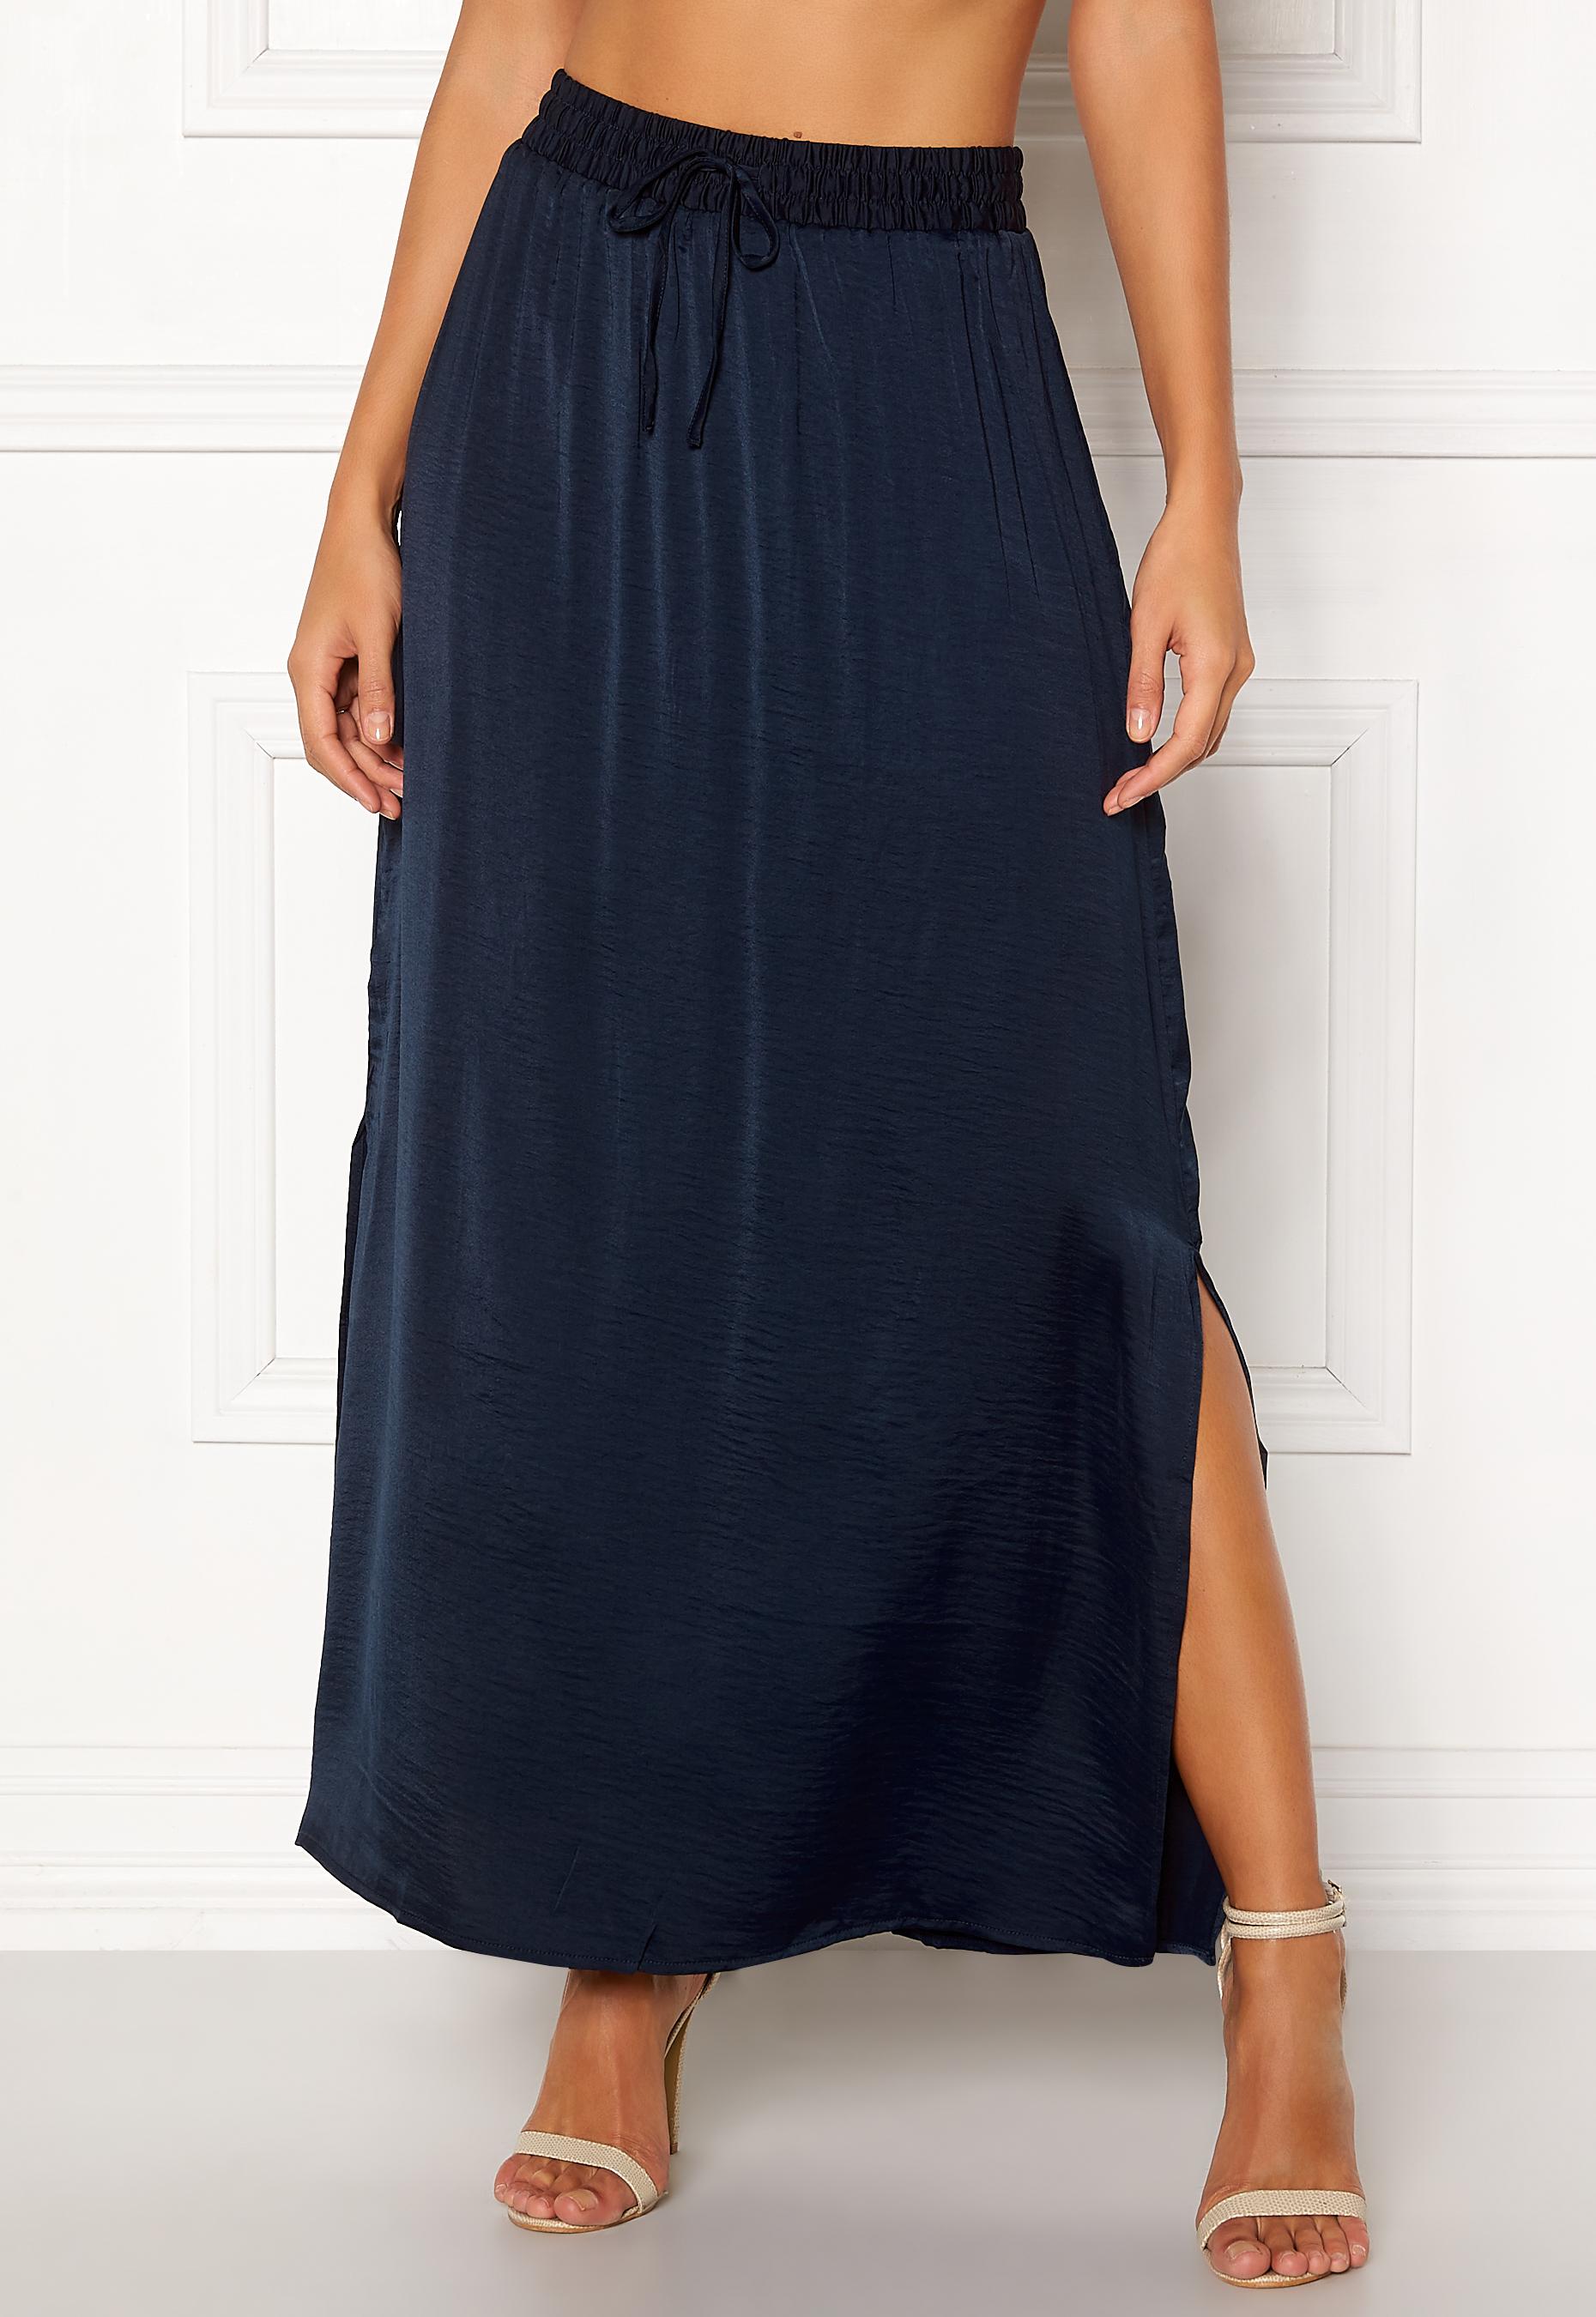 e70079d2b65a VILA Cava Maxi Skirt Total Eclipse - Bubbleroom